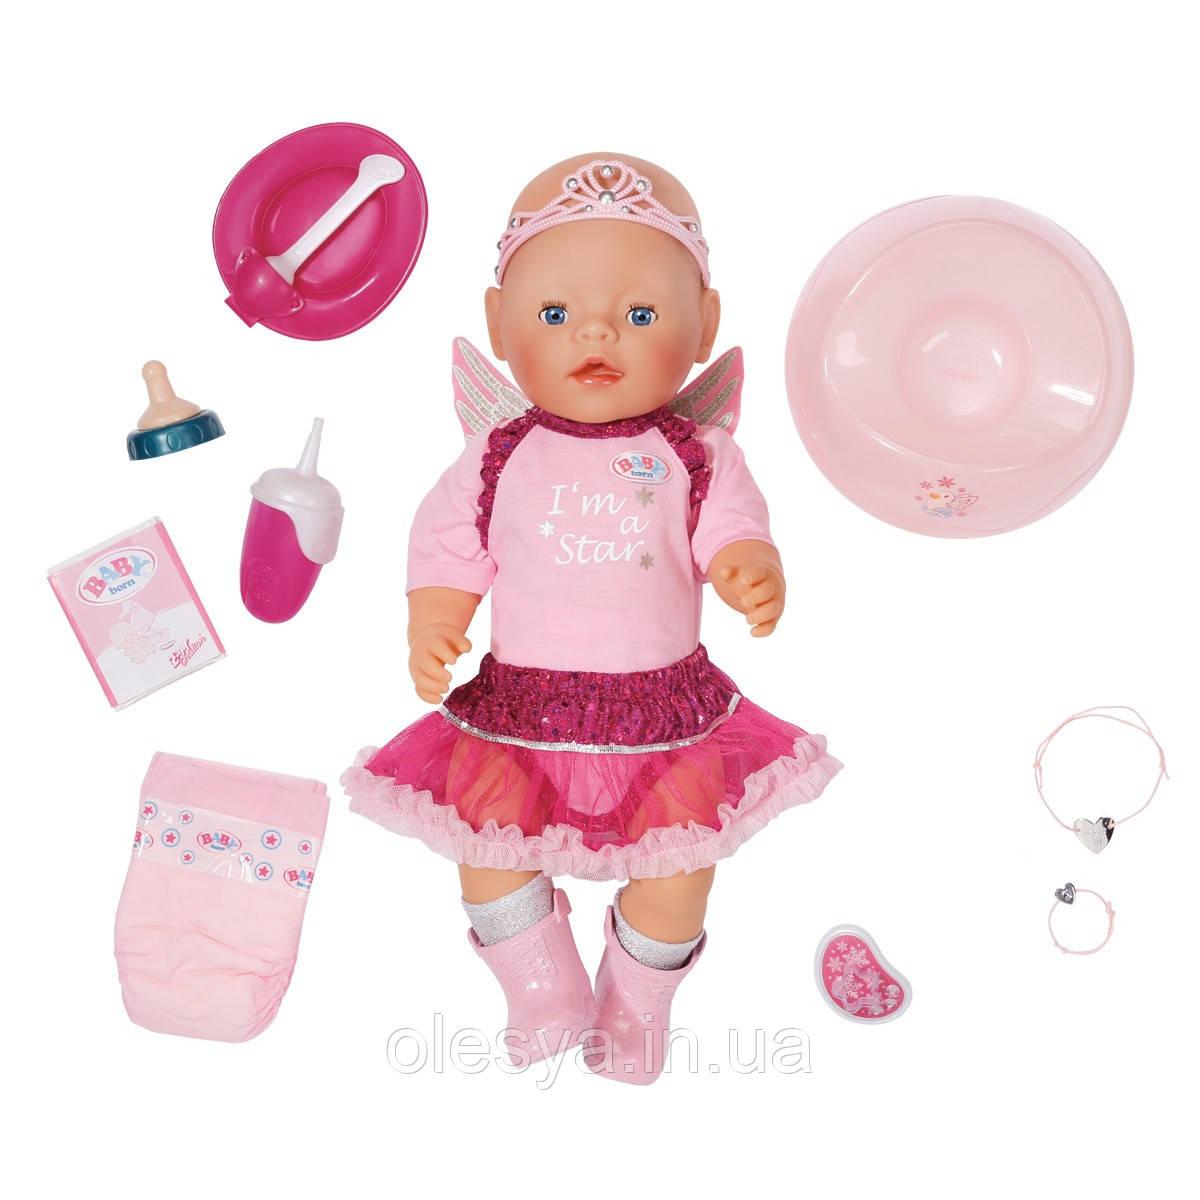 Кукла BABY BORN - ВОЛШЕБНЫЙ АНГЕЛ- Лучший подарок для девочки